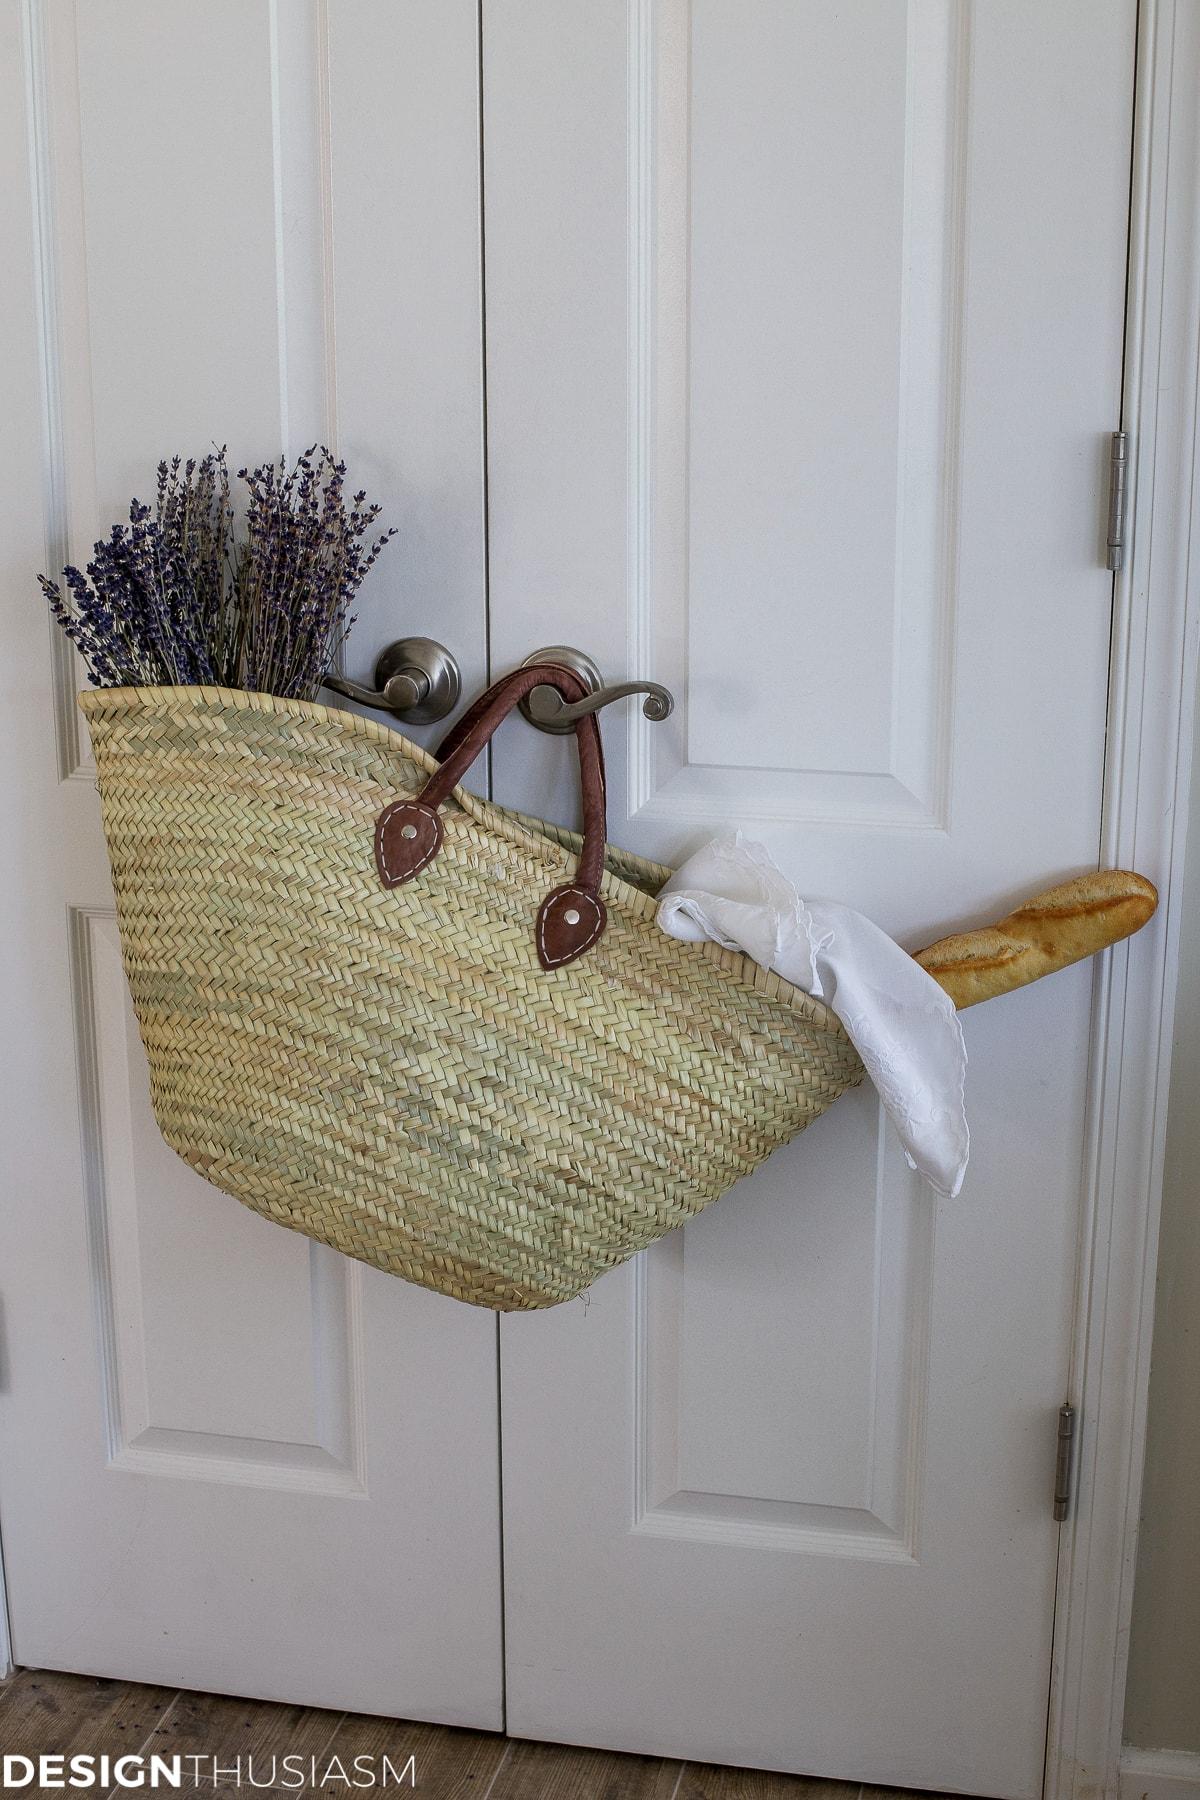 Spring Room Decor   6 ways to add spring cheer to your home   designthusiasm.com